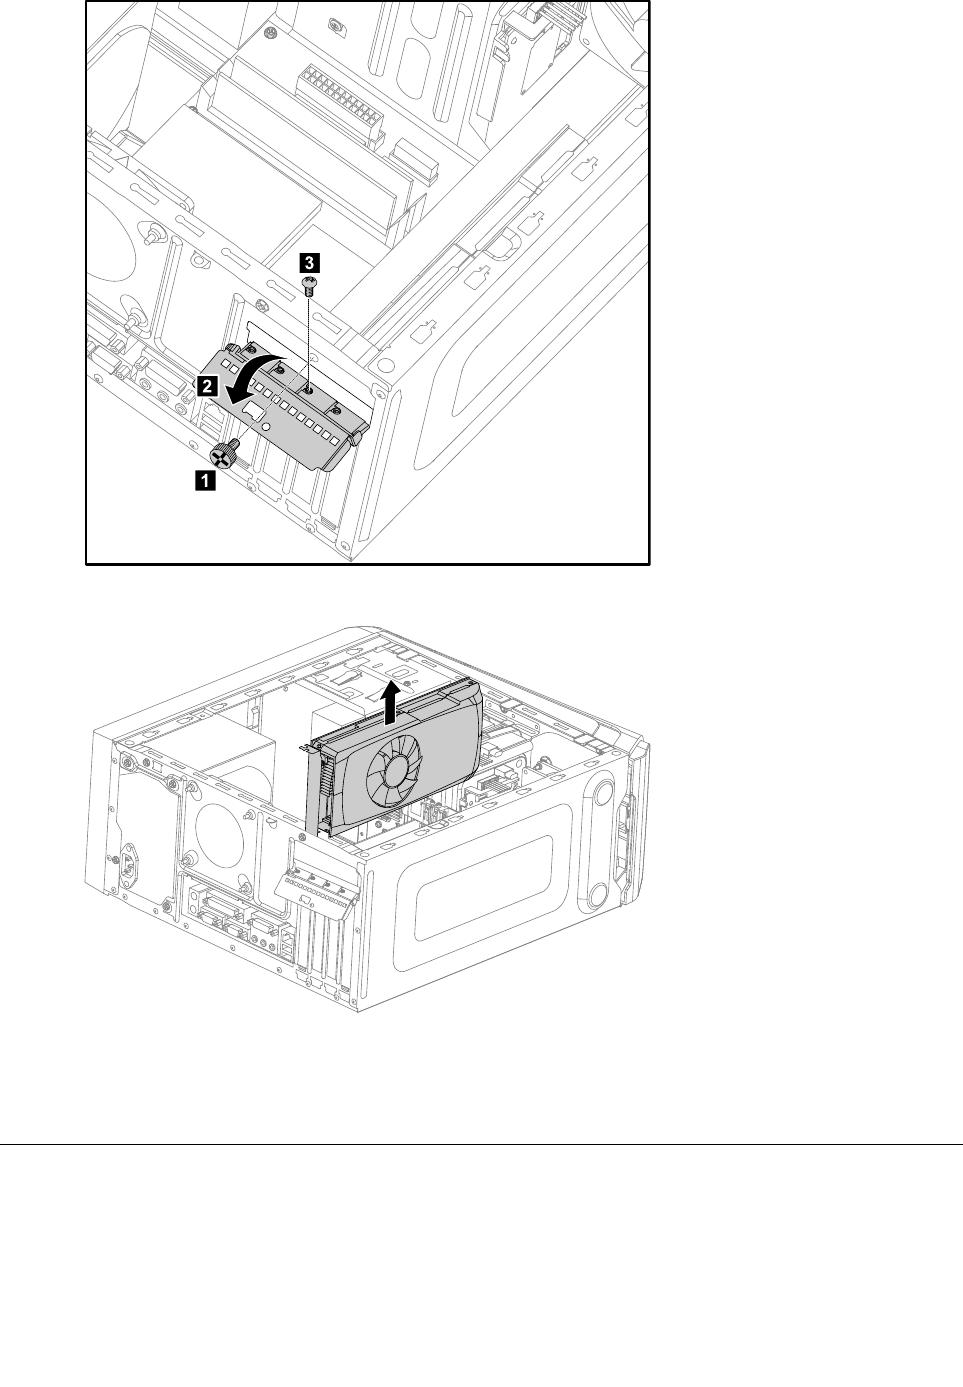 Msi N1996 Motherboard Wiring Diagram - Wiring Diagram Database on asrock wiring diagram, ups wiring diagram, headset wiring diagram, 10 usb pin connection diagram, power supply wiring diagram, hard drive wiring diagram, usb 2.0 pinout diagram, hardware wiring diagram, usb flash drive wiring diagram, usb connection wiring diagram, laptop wiring diagram, n1996 wiring diagram, asus wiring diagram, ram wiring diagram, keyboard wiring diagram,